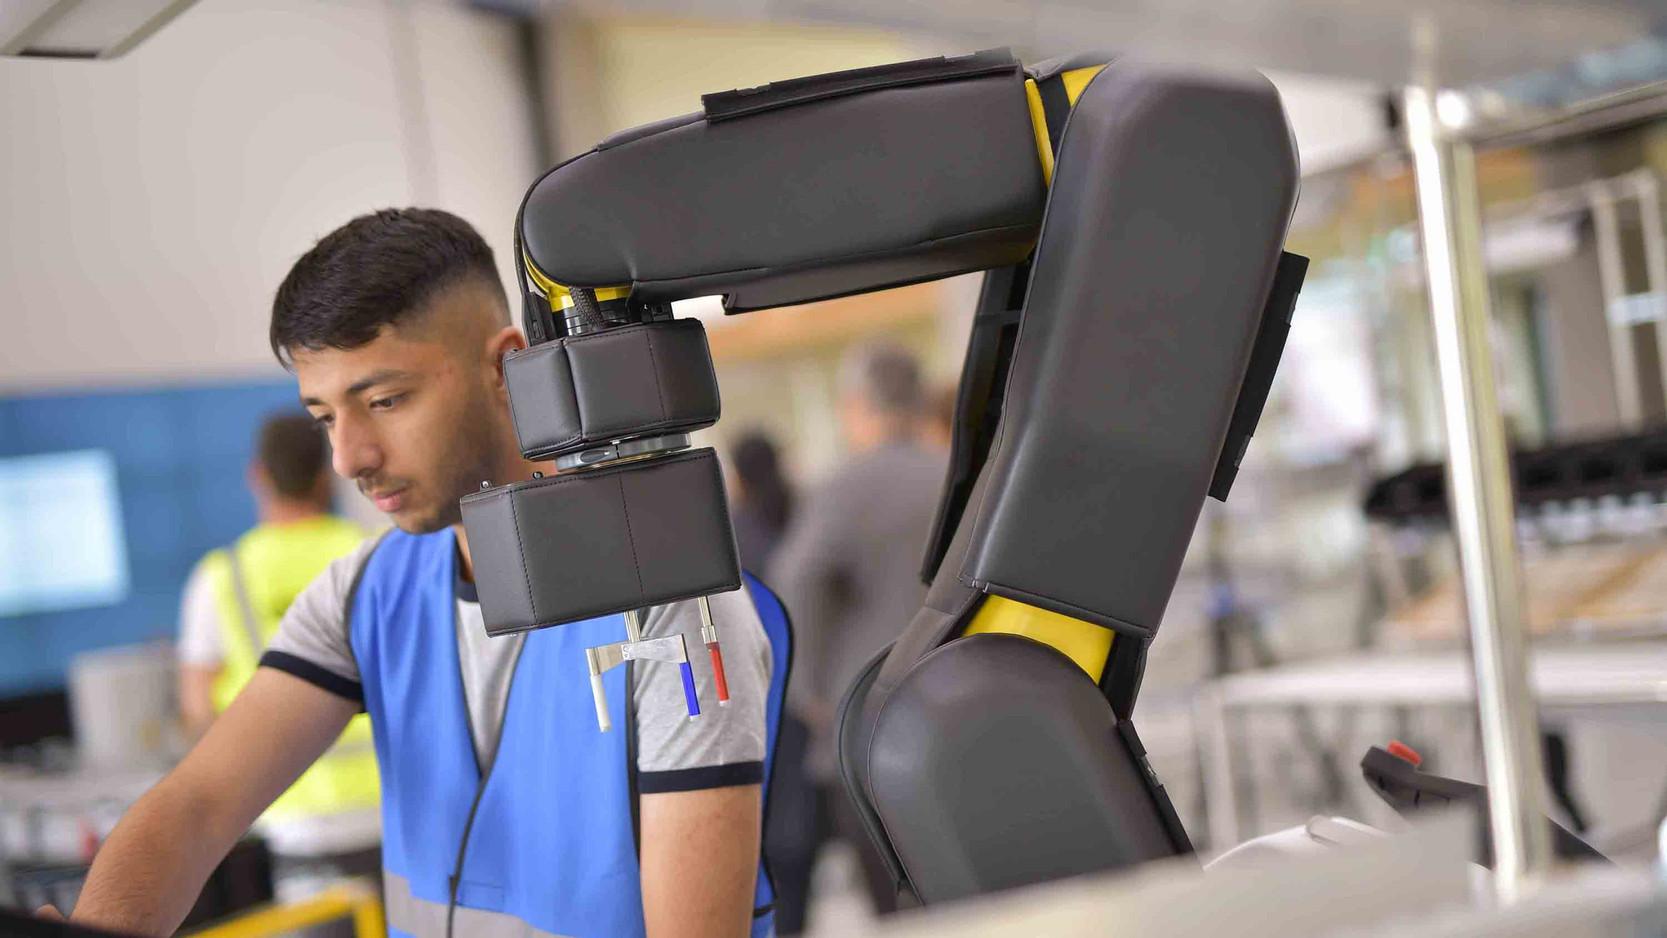 Collaborative Robot - Bosch APAS